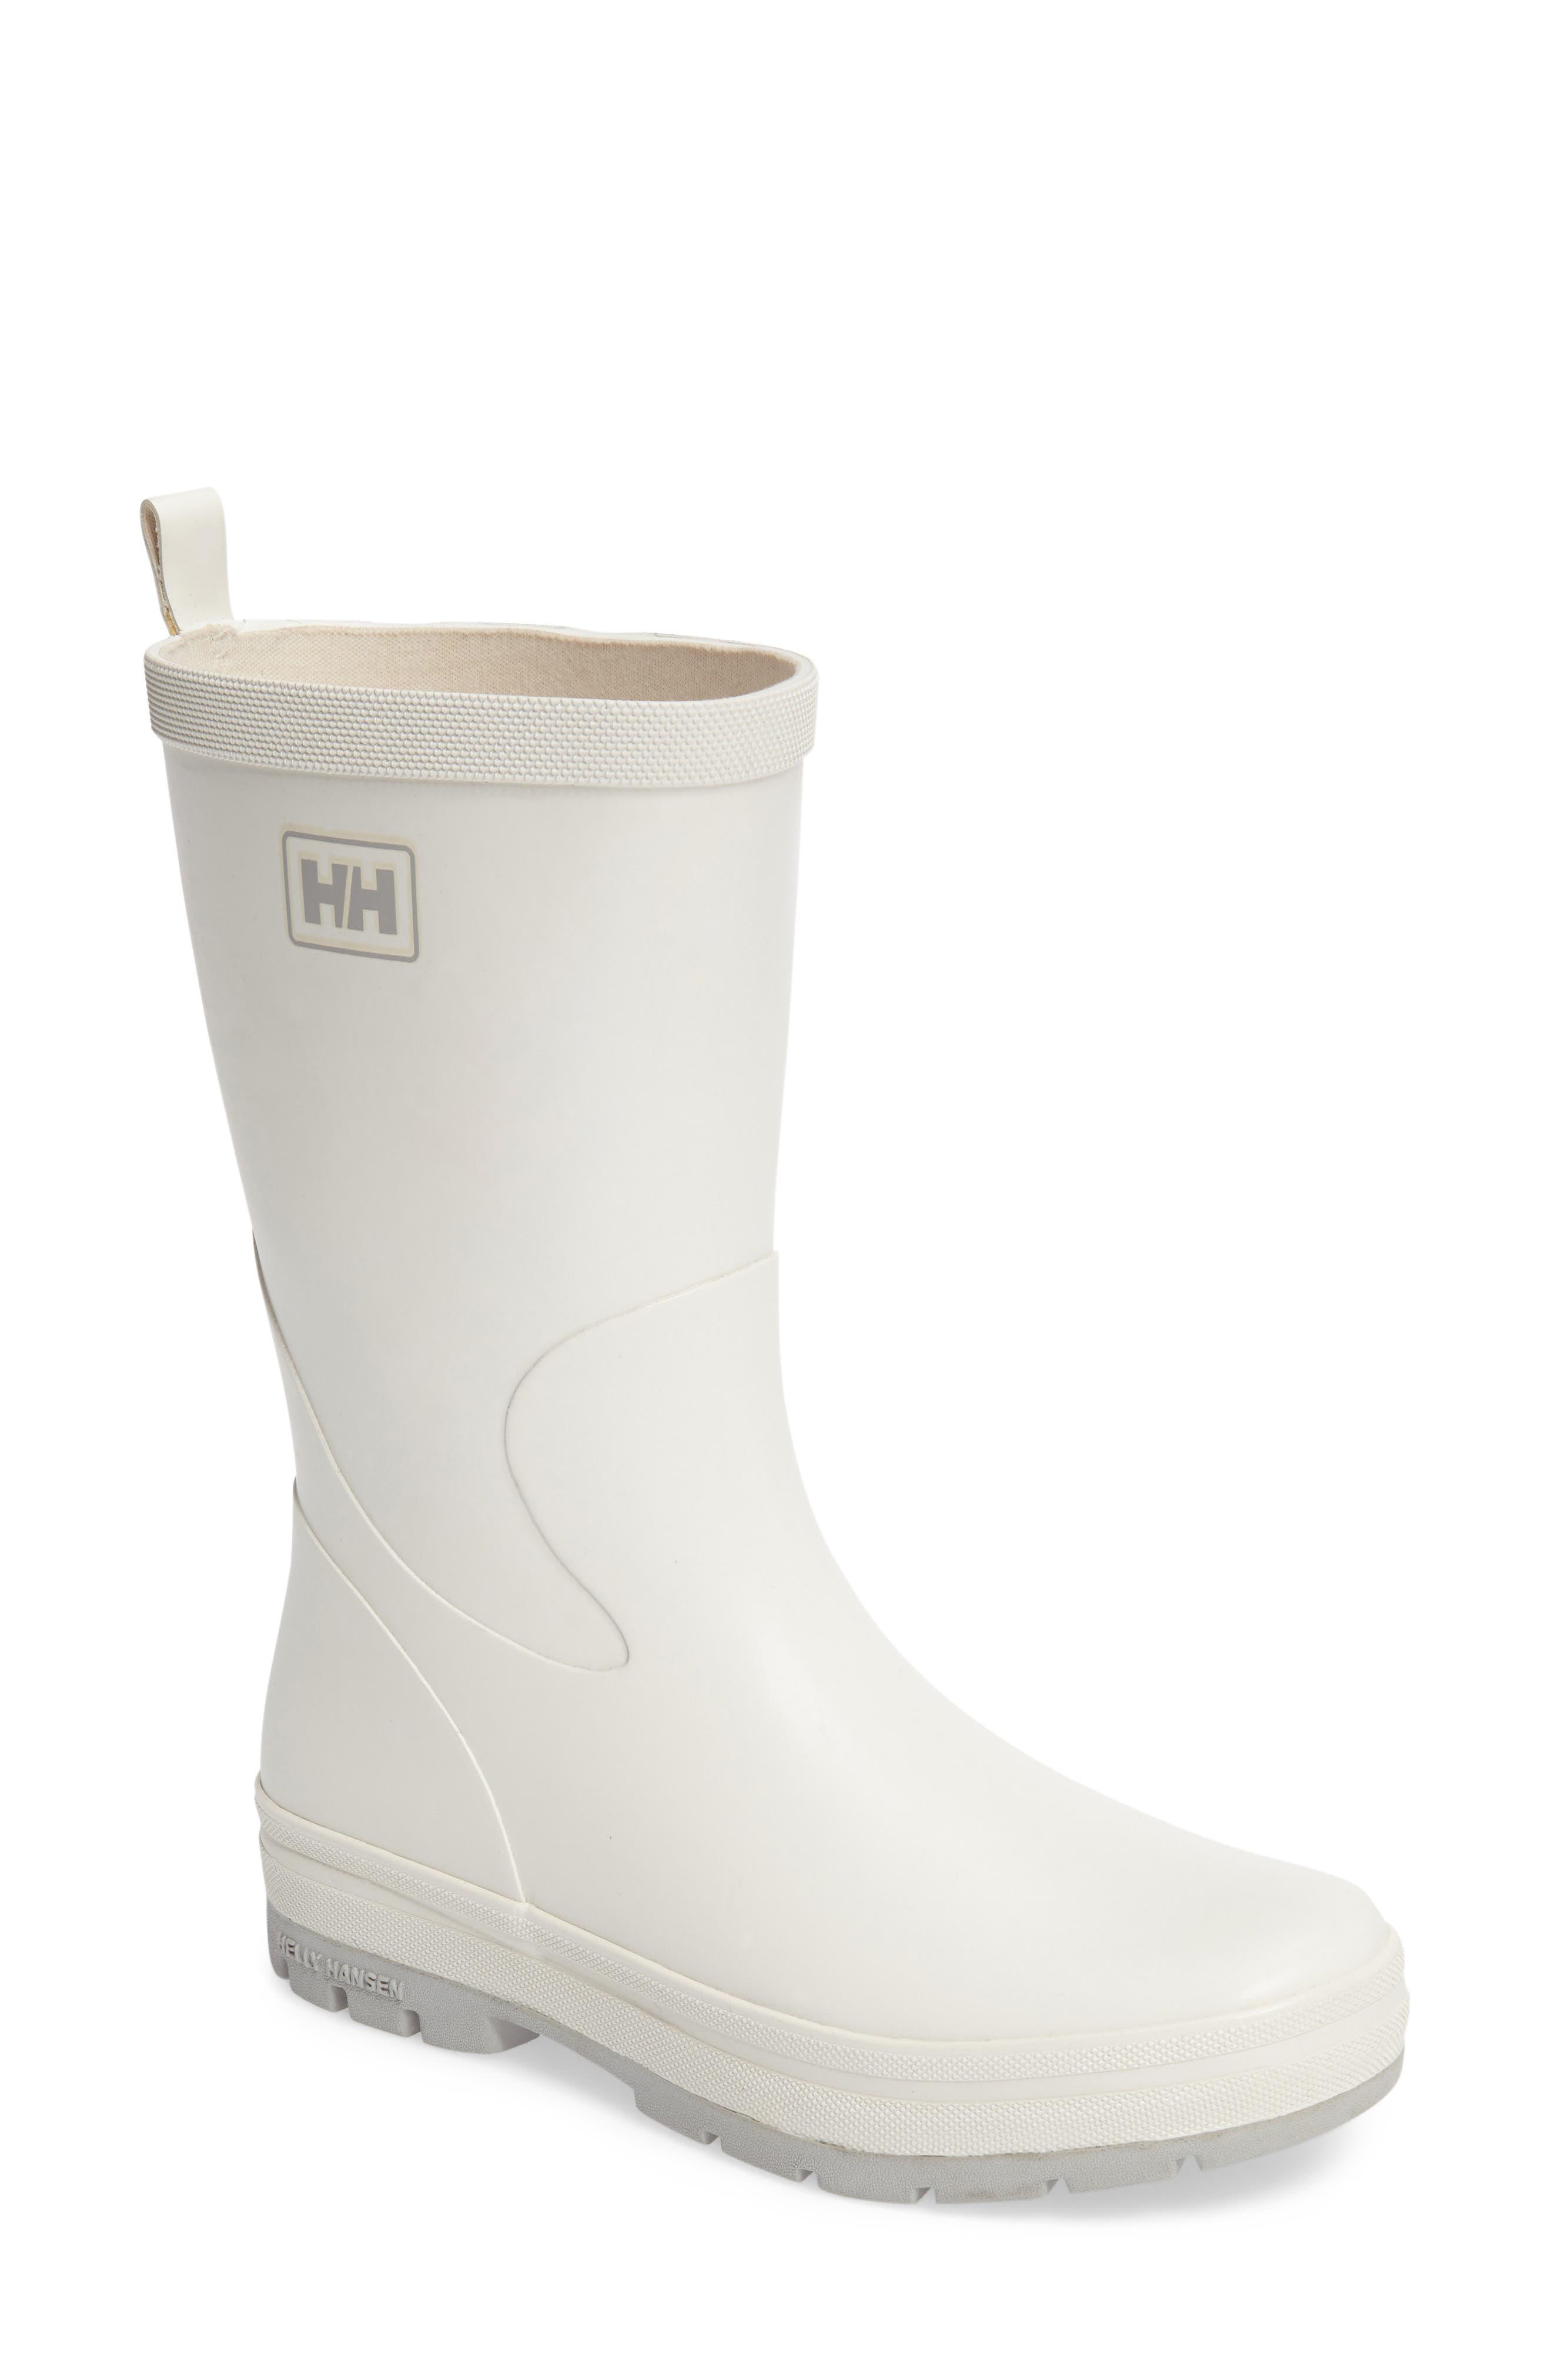 Main Image - Helly Hansen Midsund Rain Boot